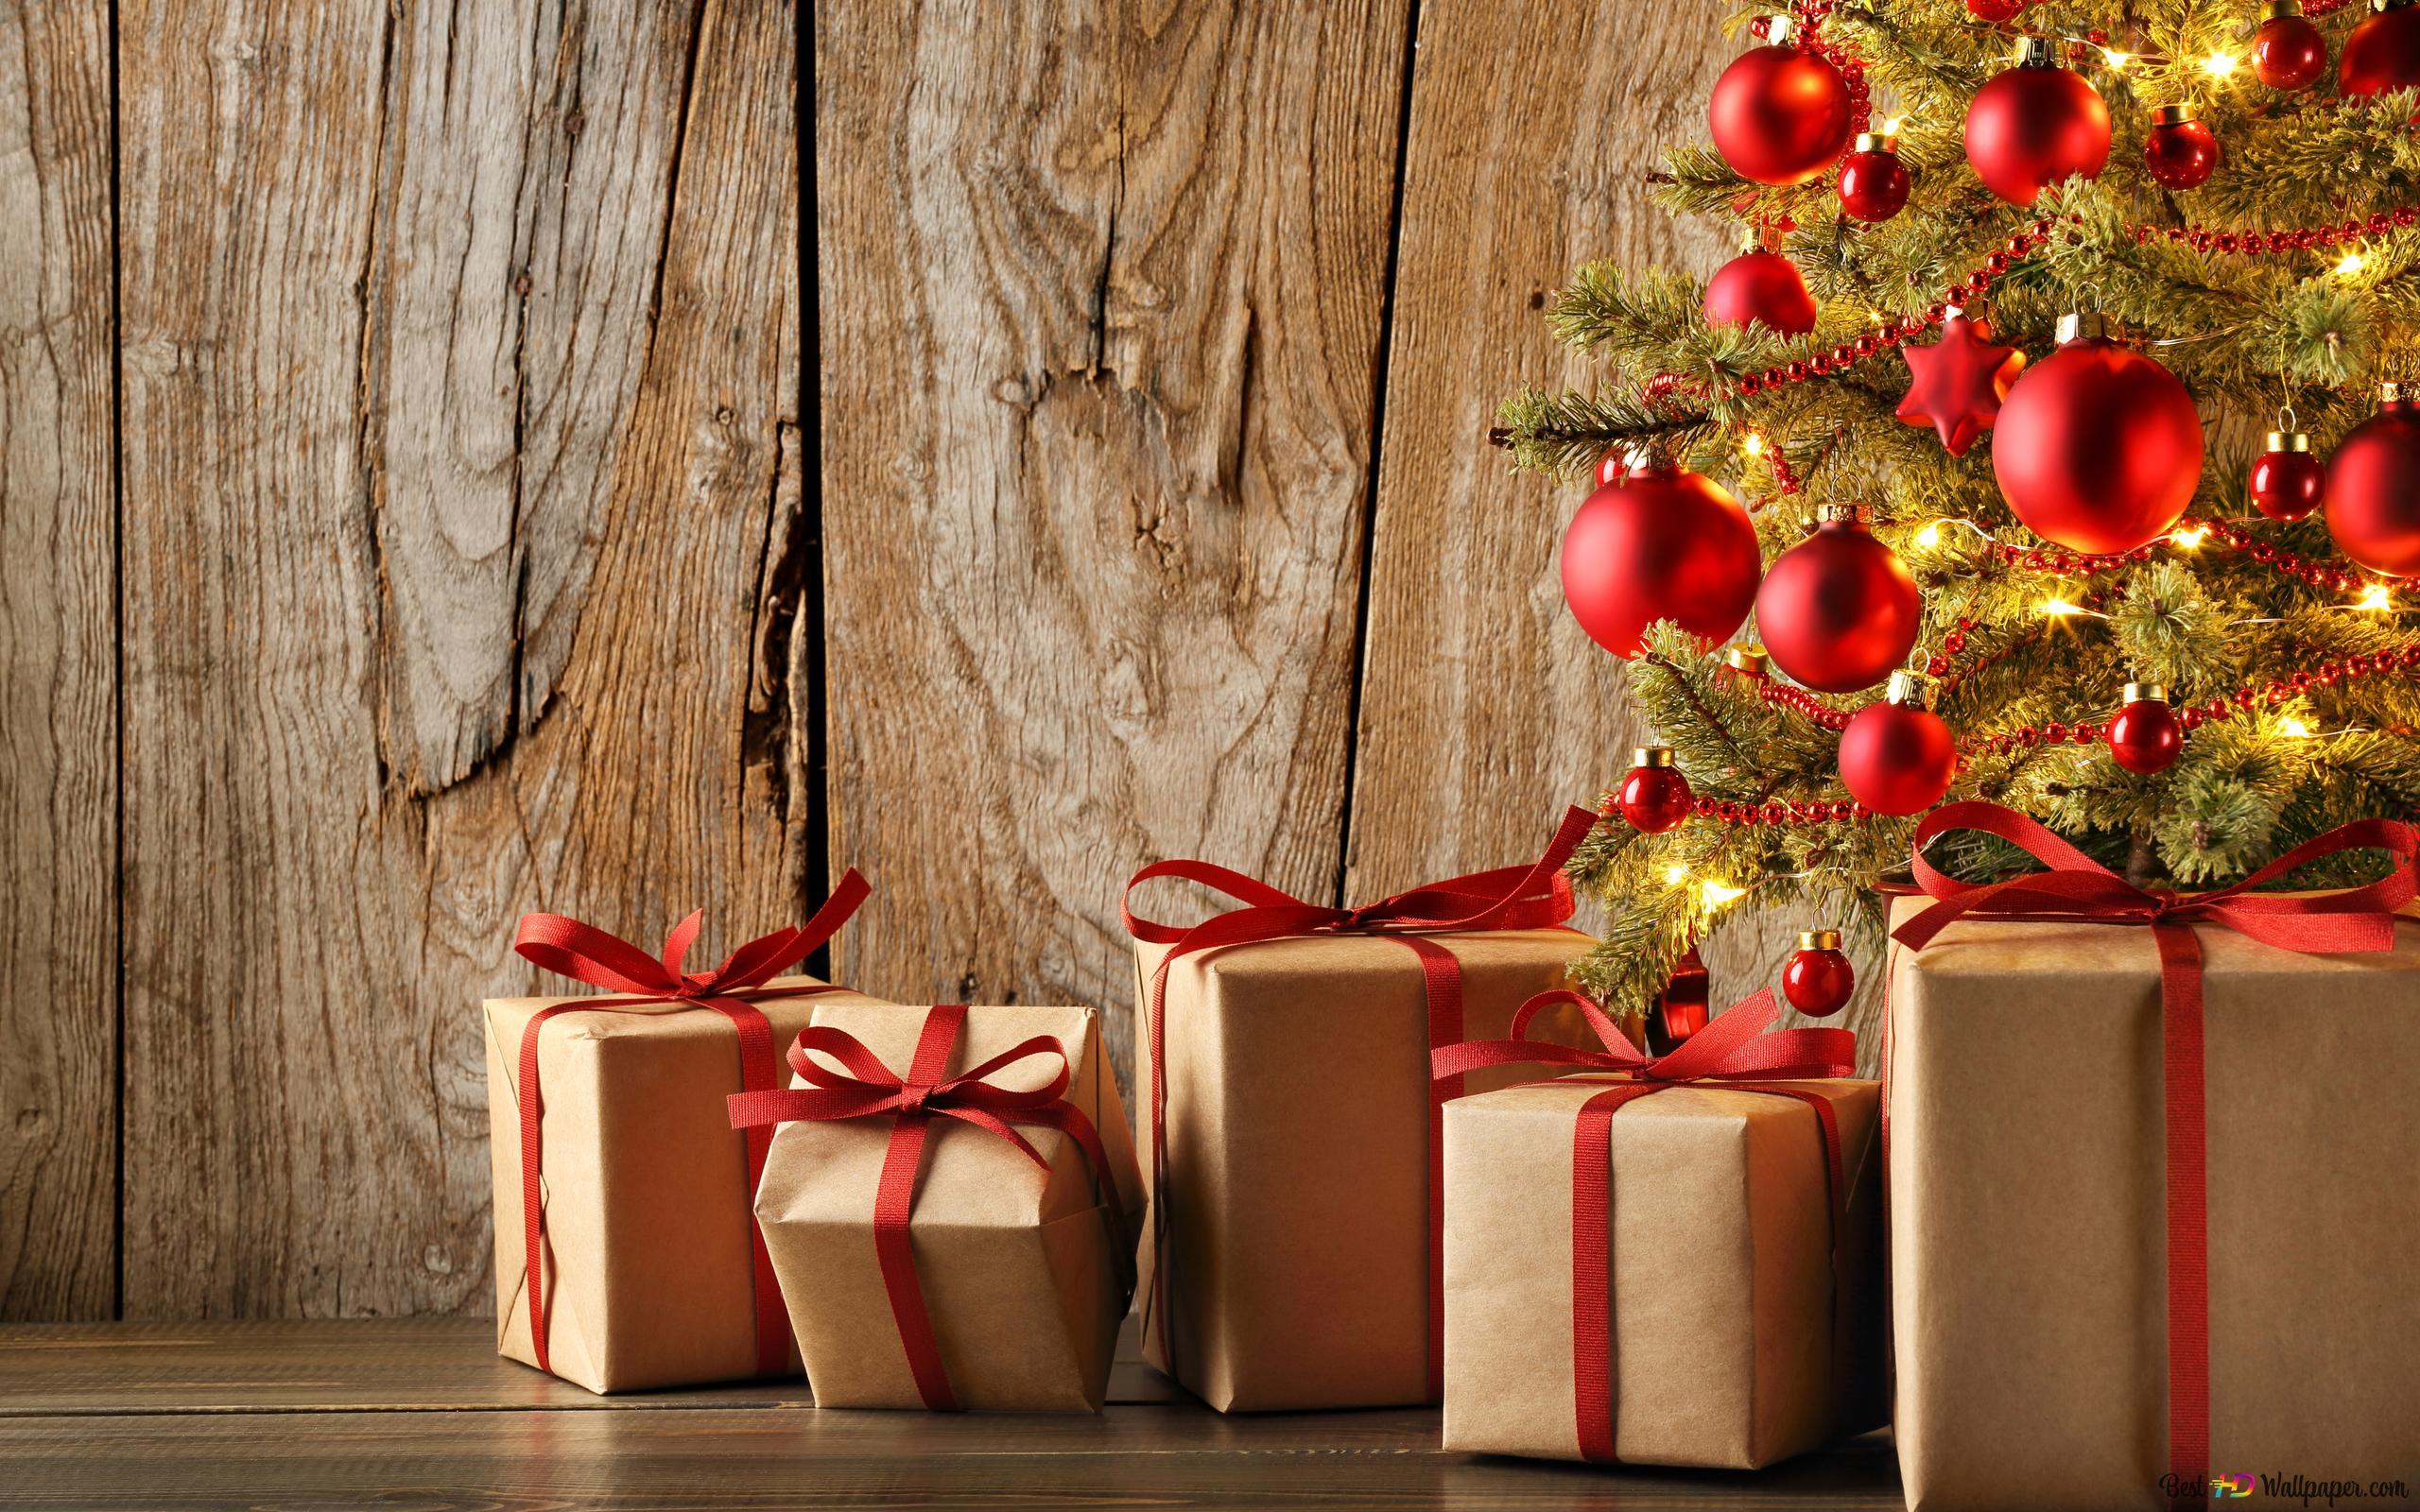 Weihnachtsgeschenk HD Hintergrundbilder herunterladen